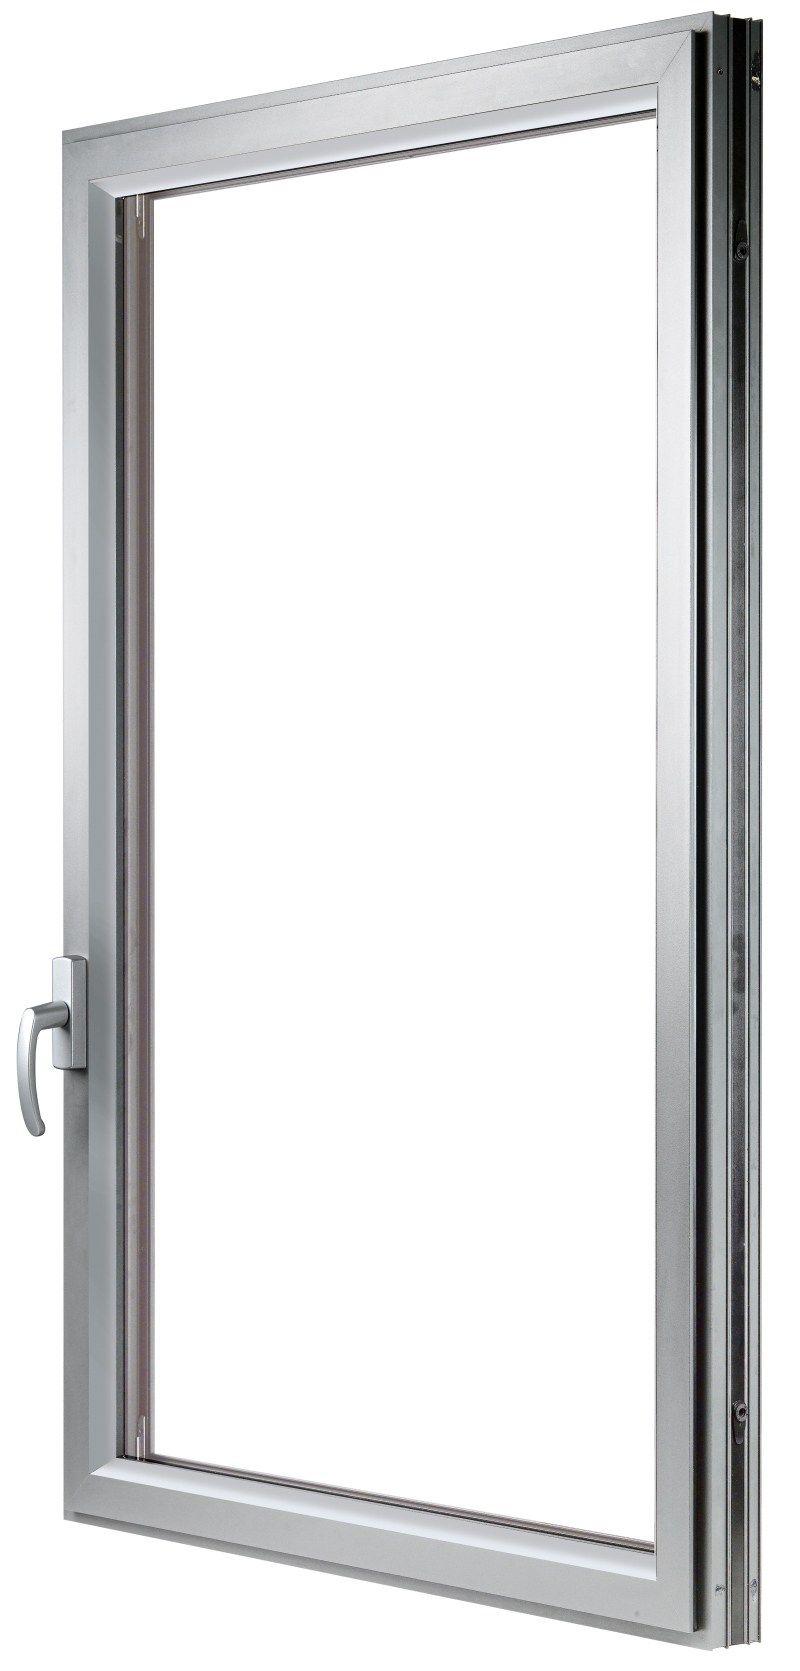 Finestra a taglio termico in alluminio eku perfektion - Finestra a taglio termico ...